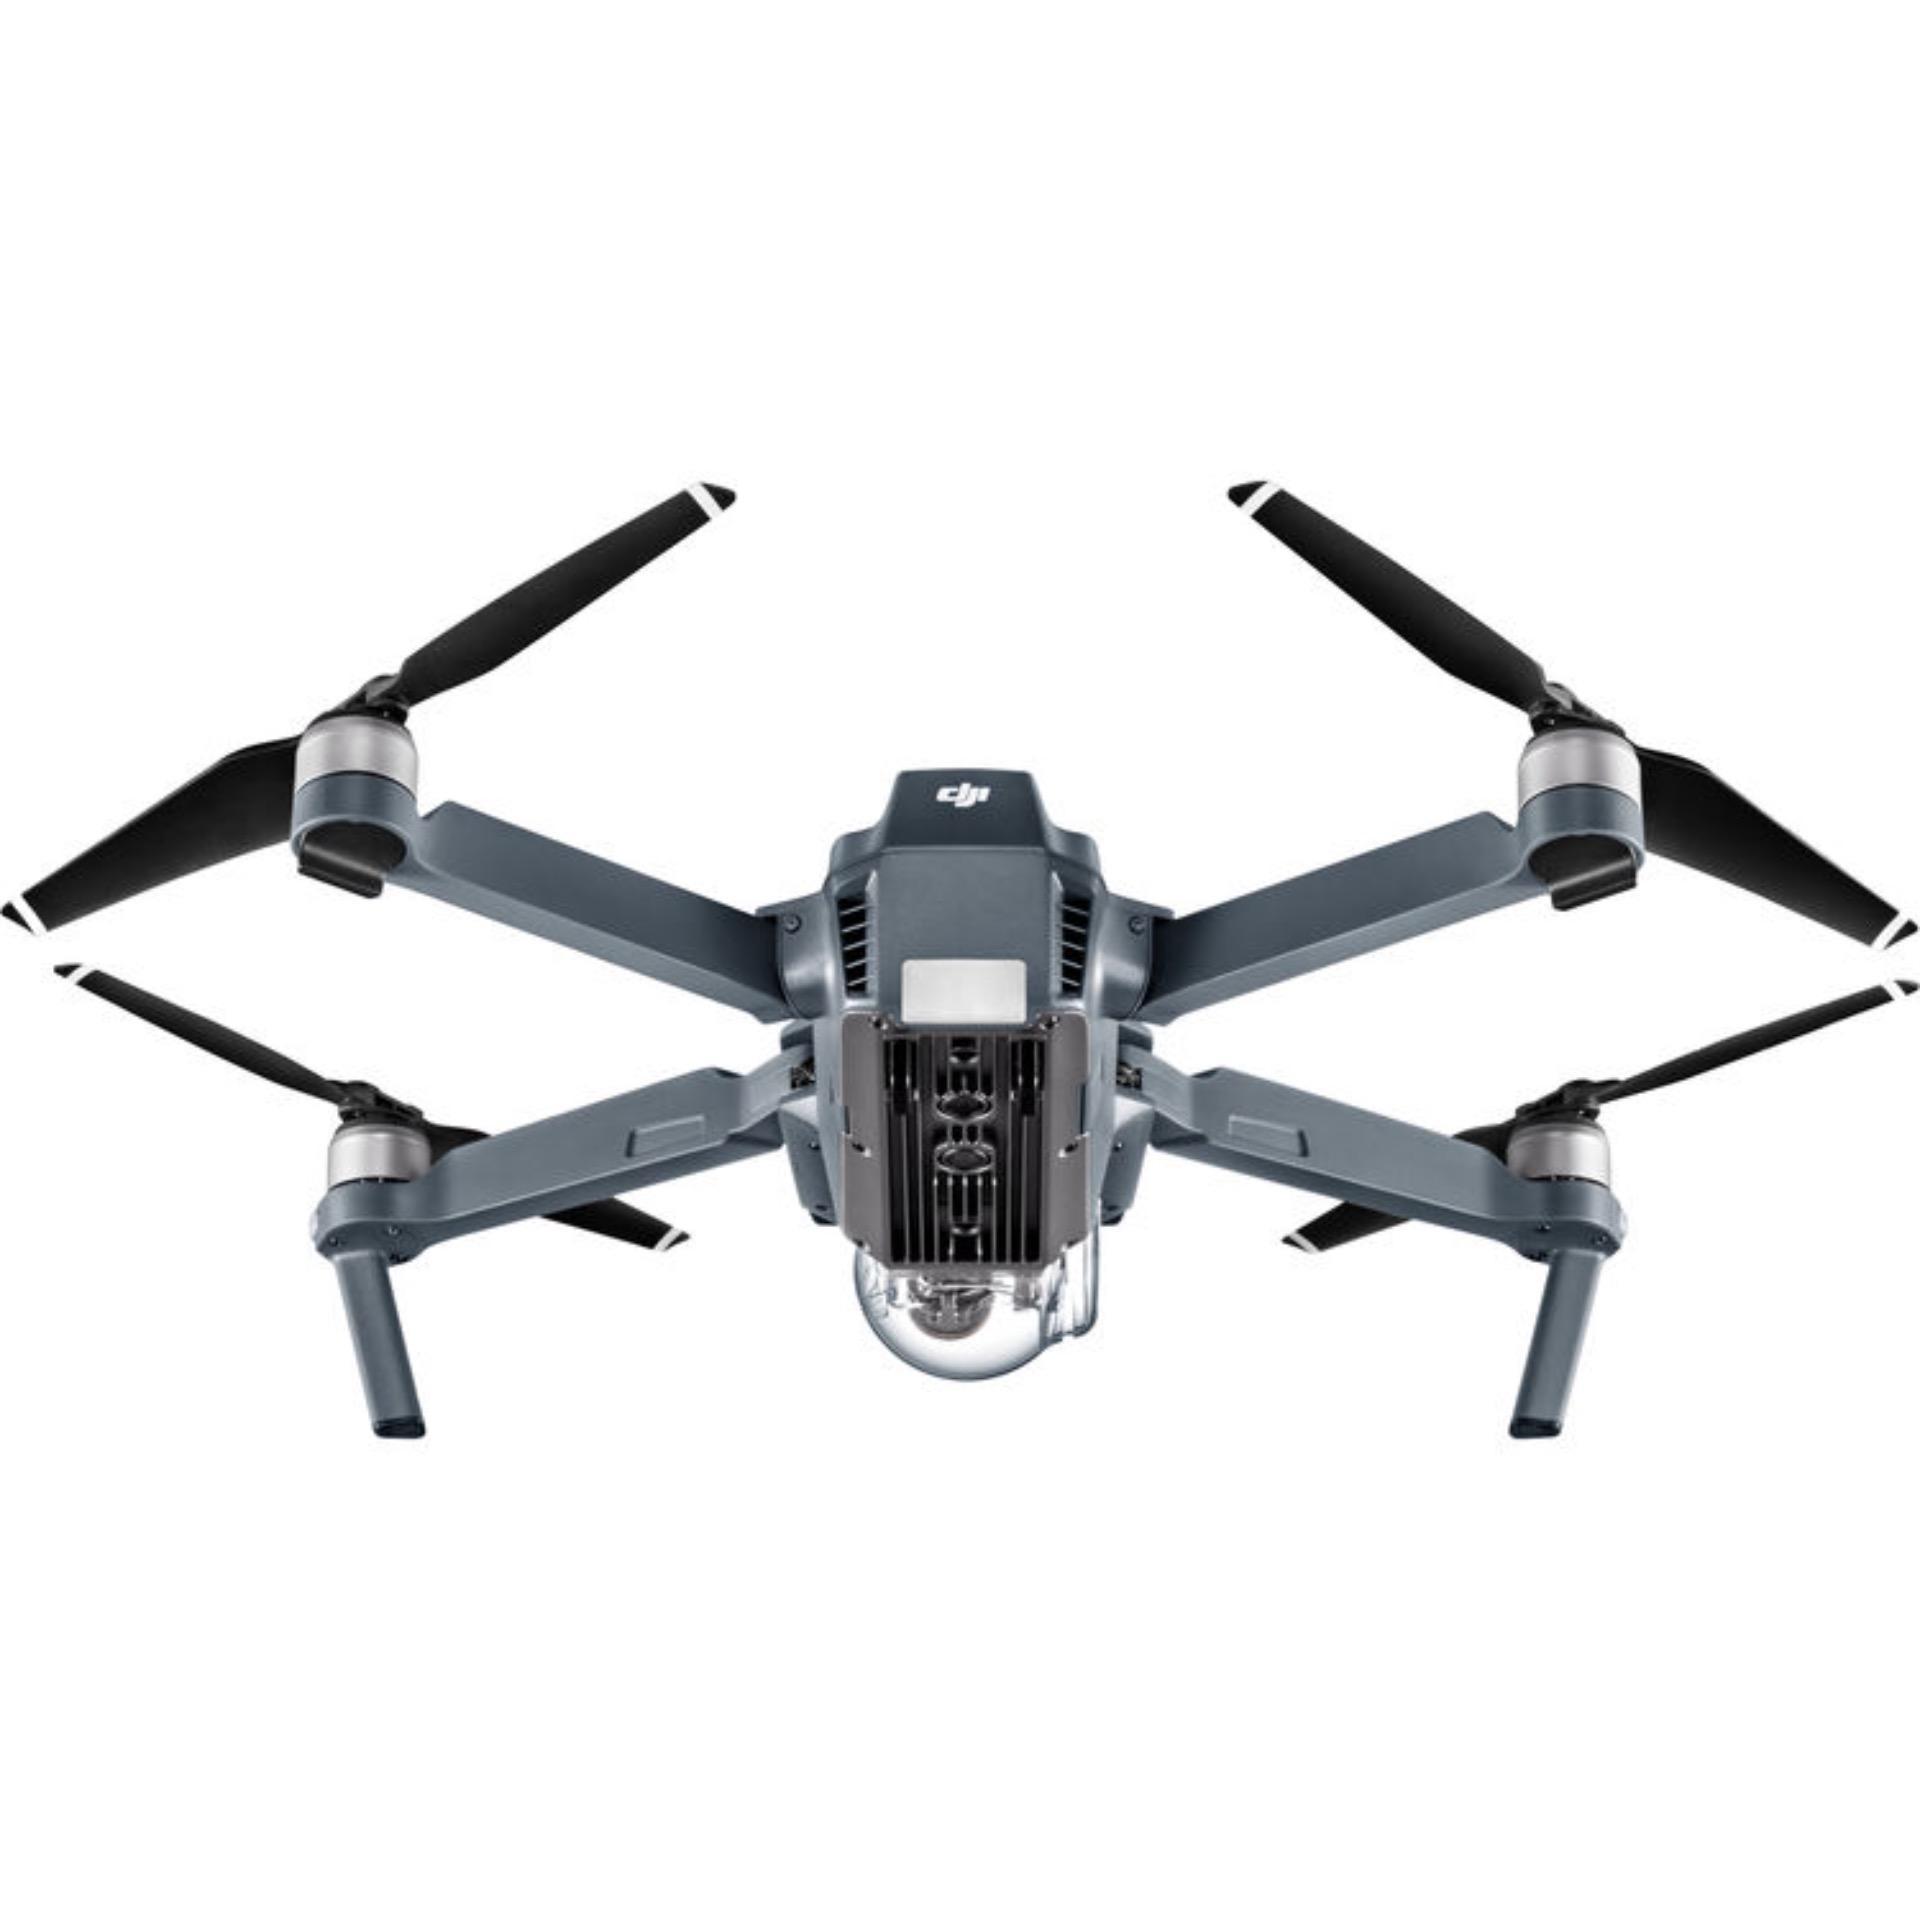 DJI Mavic Pro Fly More Combo [Local Authorised Service Centre Warranty]